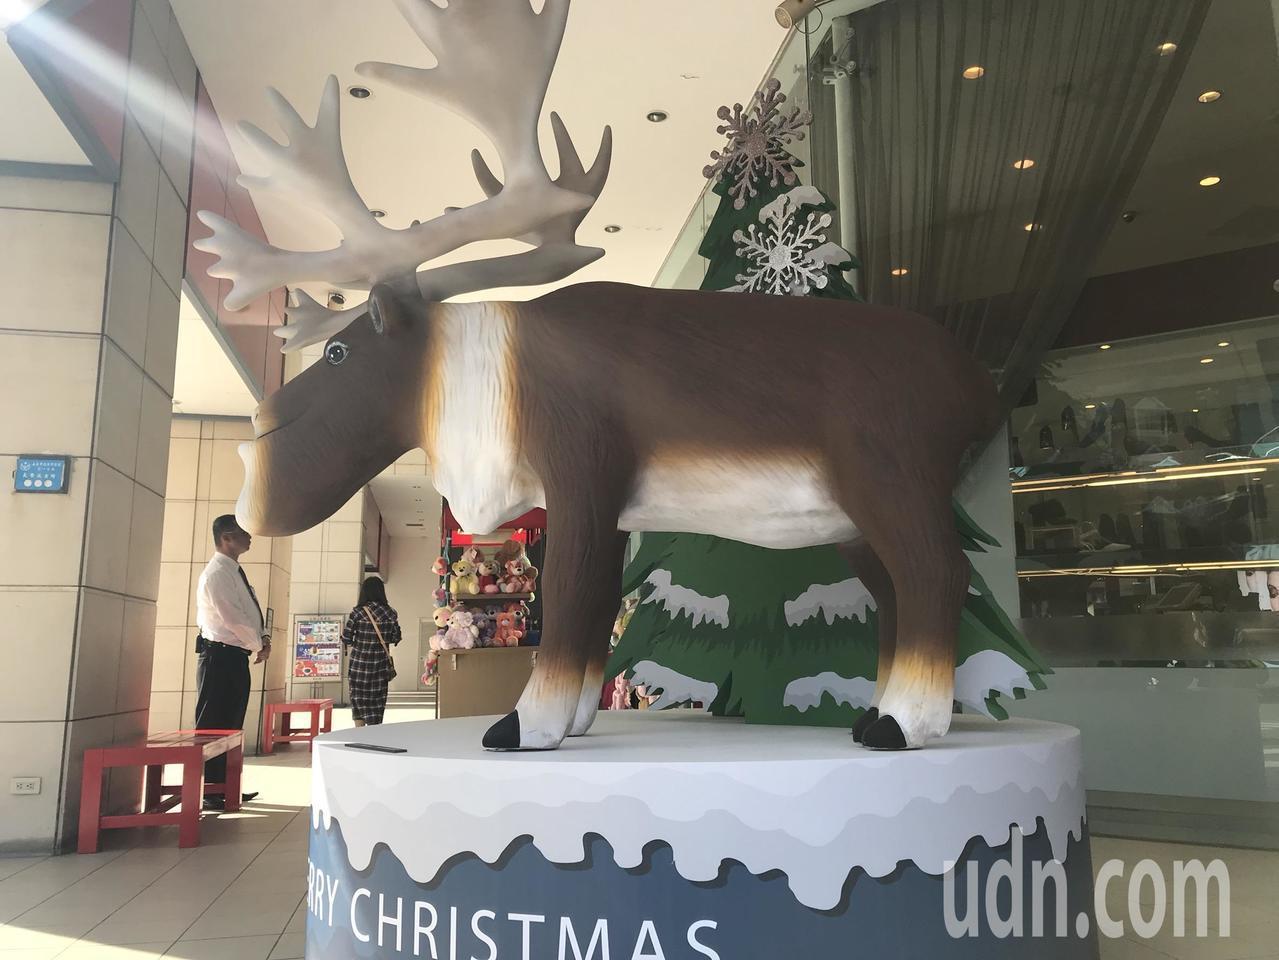 這款萌度高的大型麋鹿公仔引起熱烈討論,許多人誇可愛,也有人說「長得也太有特色」。...